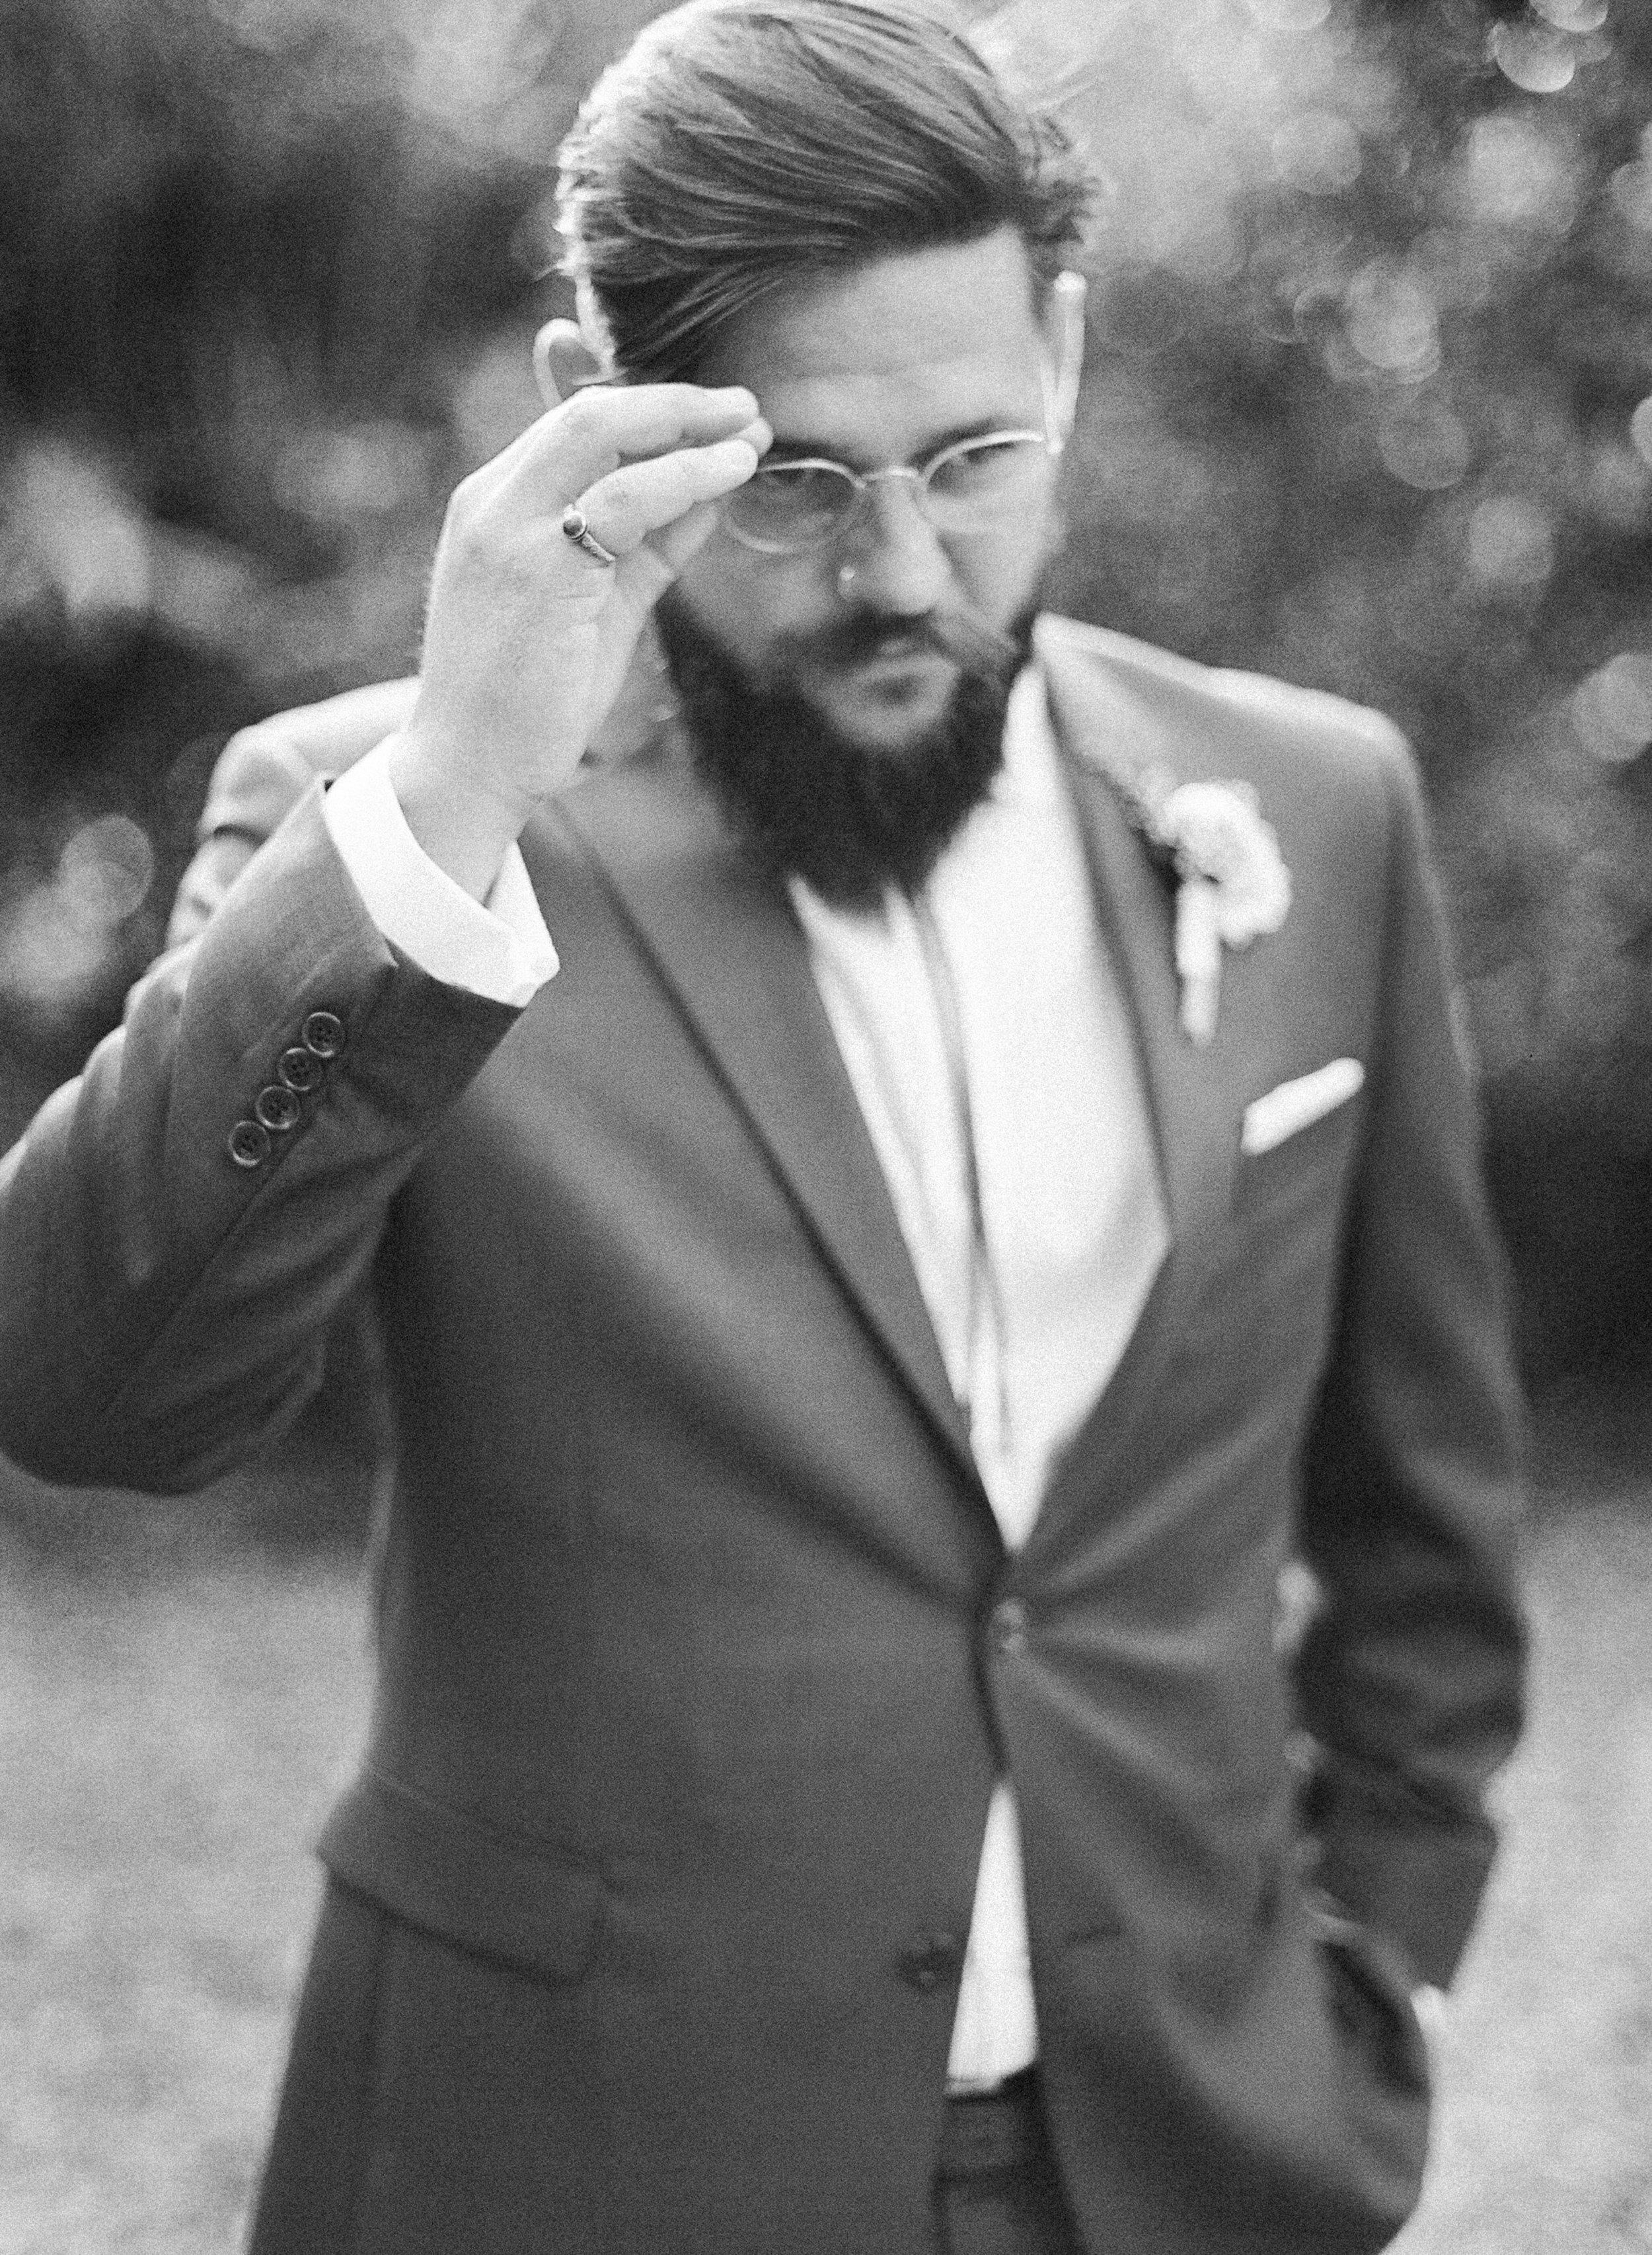 27-groom-portrait.jpg